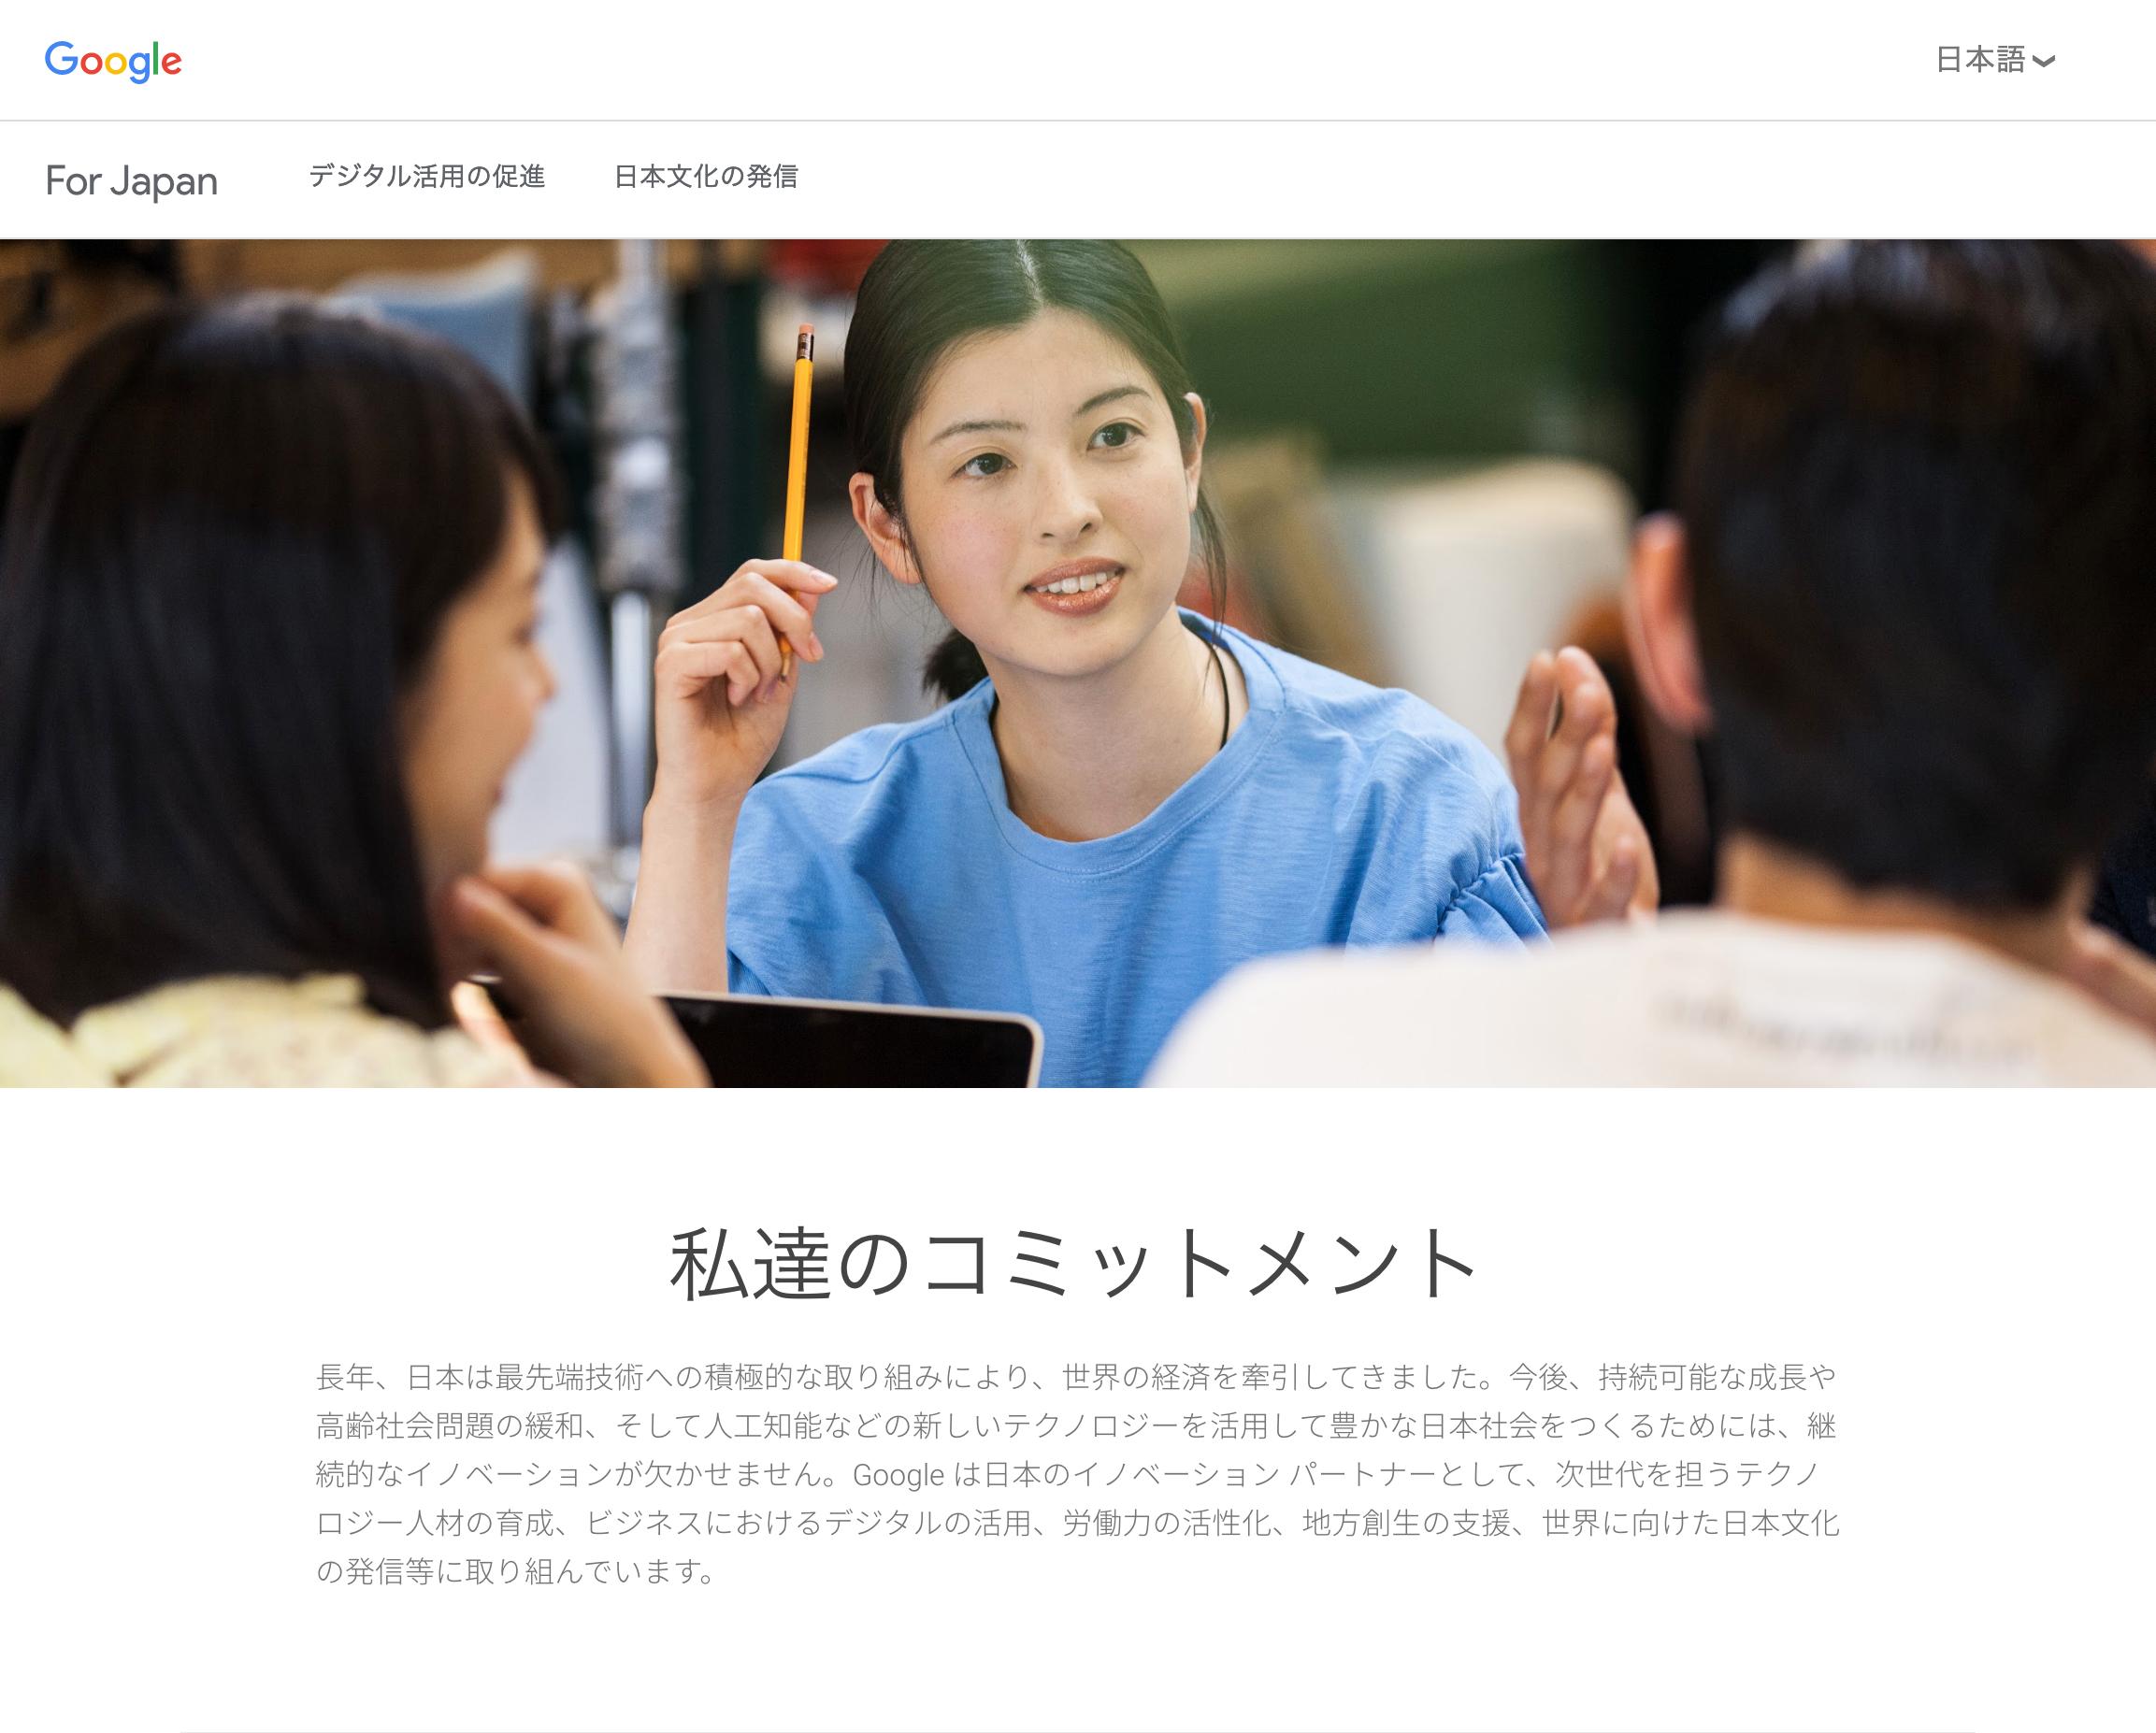 GOOGLE社、日本のスタートアップ企業のデジタル支援サービススタート